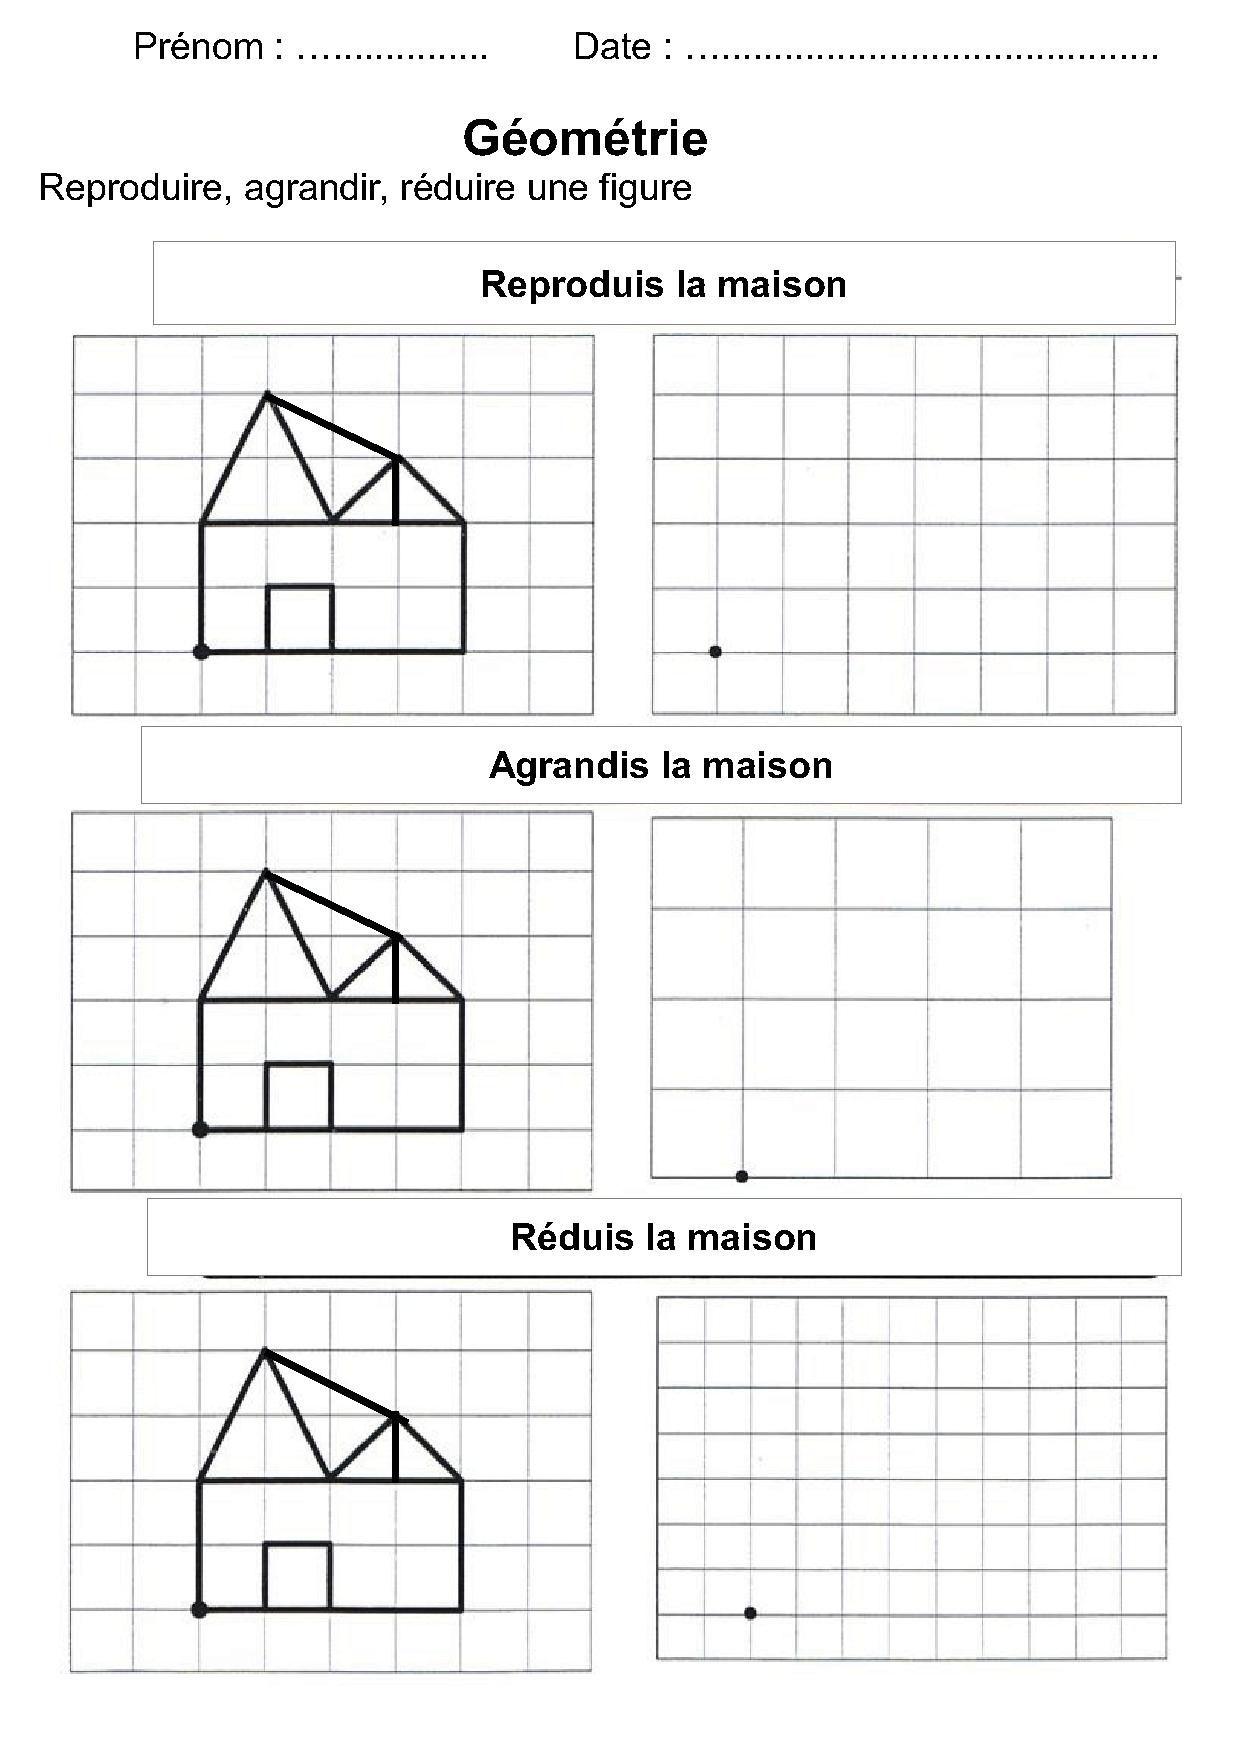 Géométrie Ce1,ce2,la Symétrie,reproduire Une Figure pour Figures Géométriques Ce1